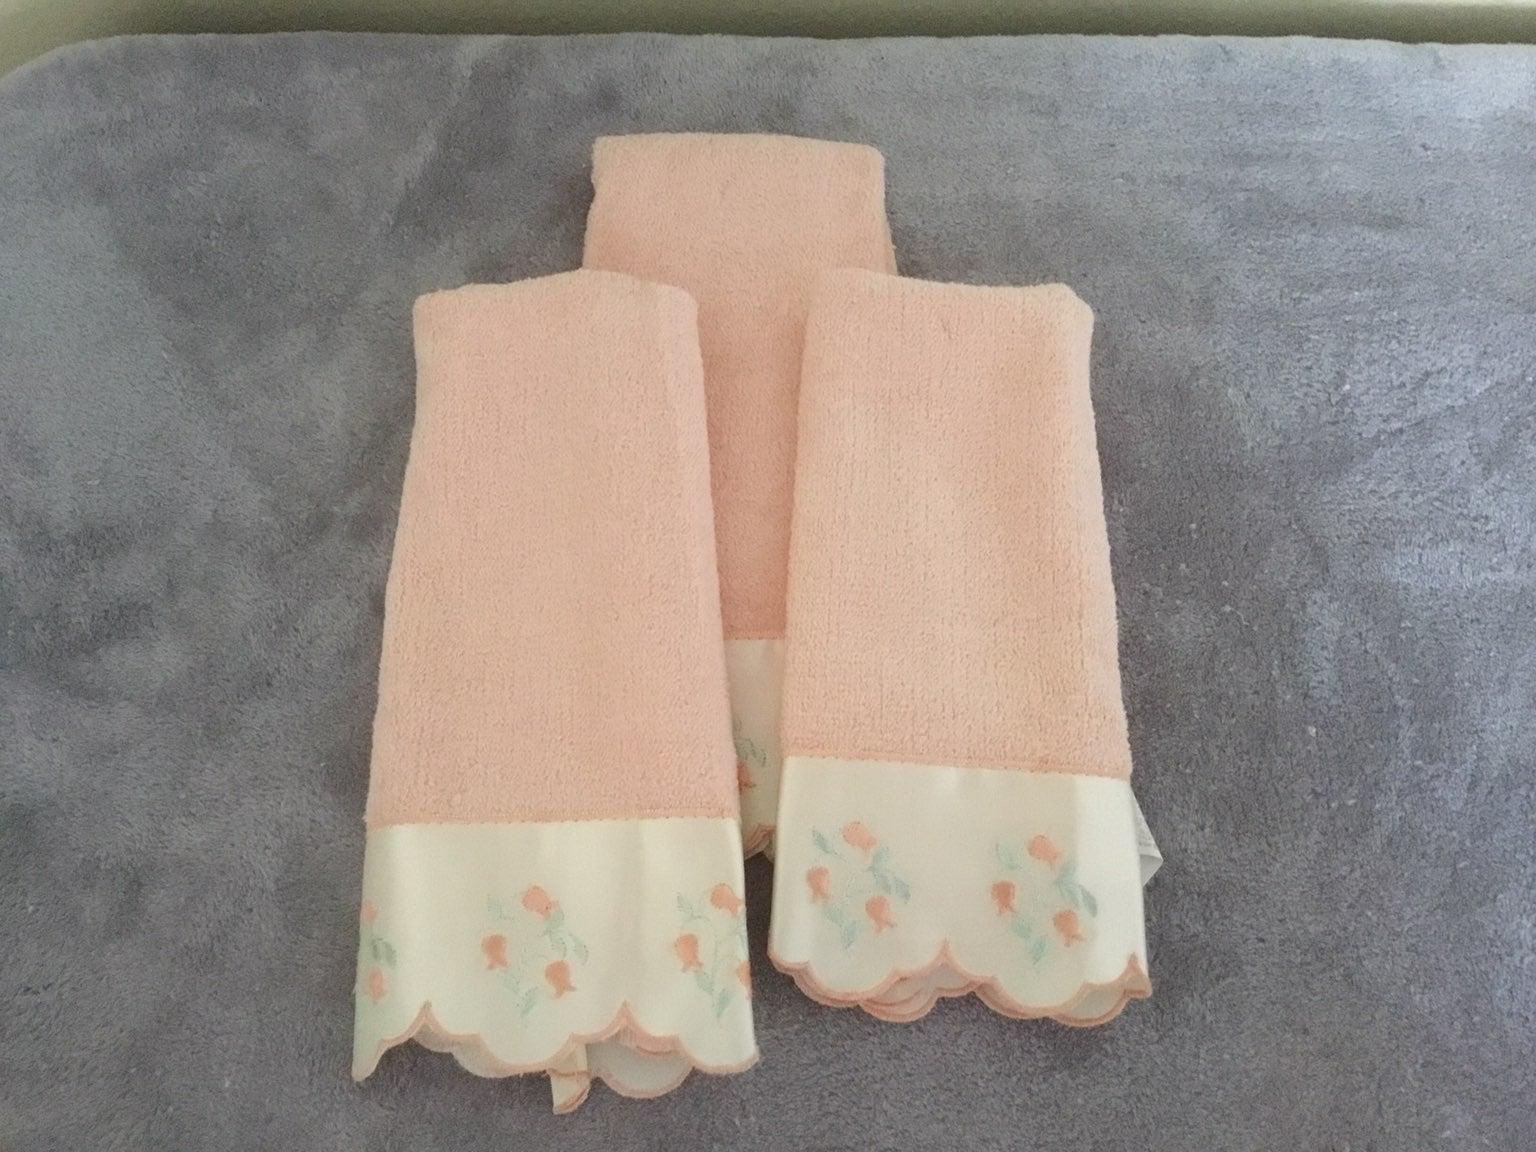 Finger towels (set of 3)